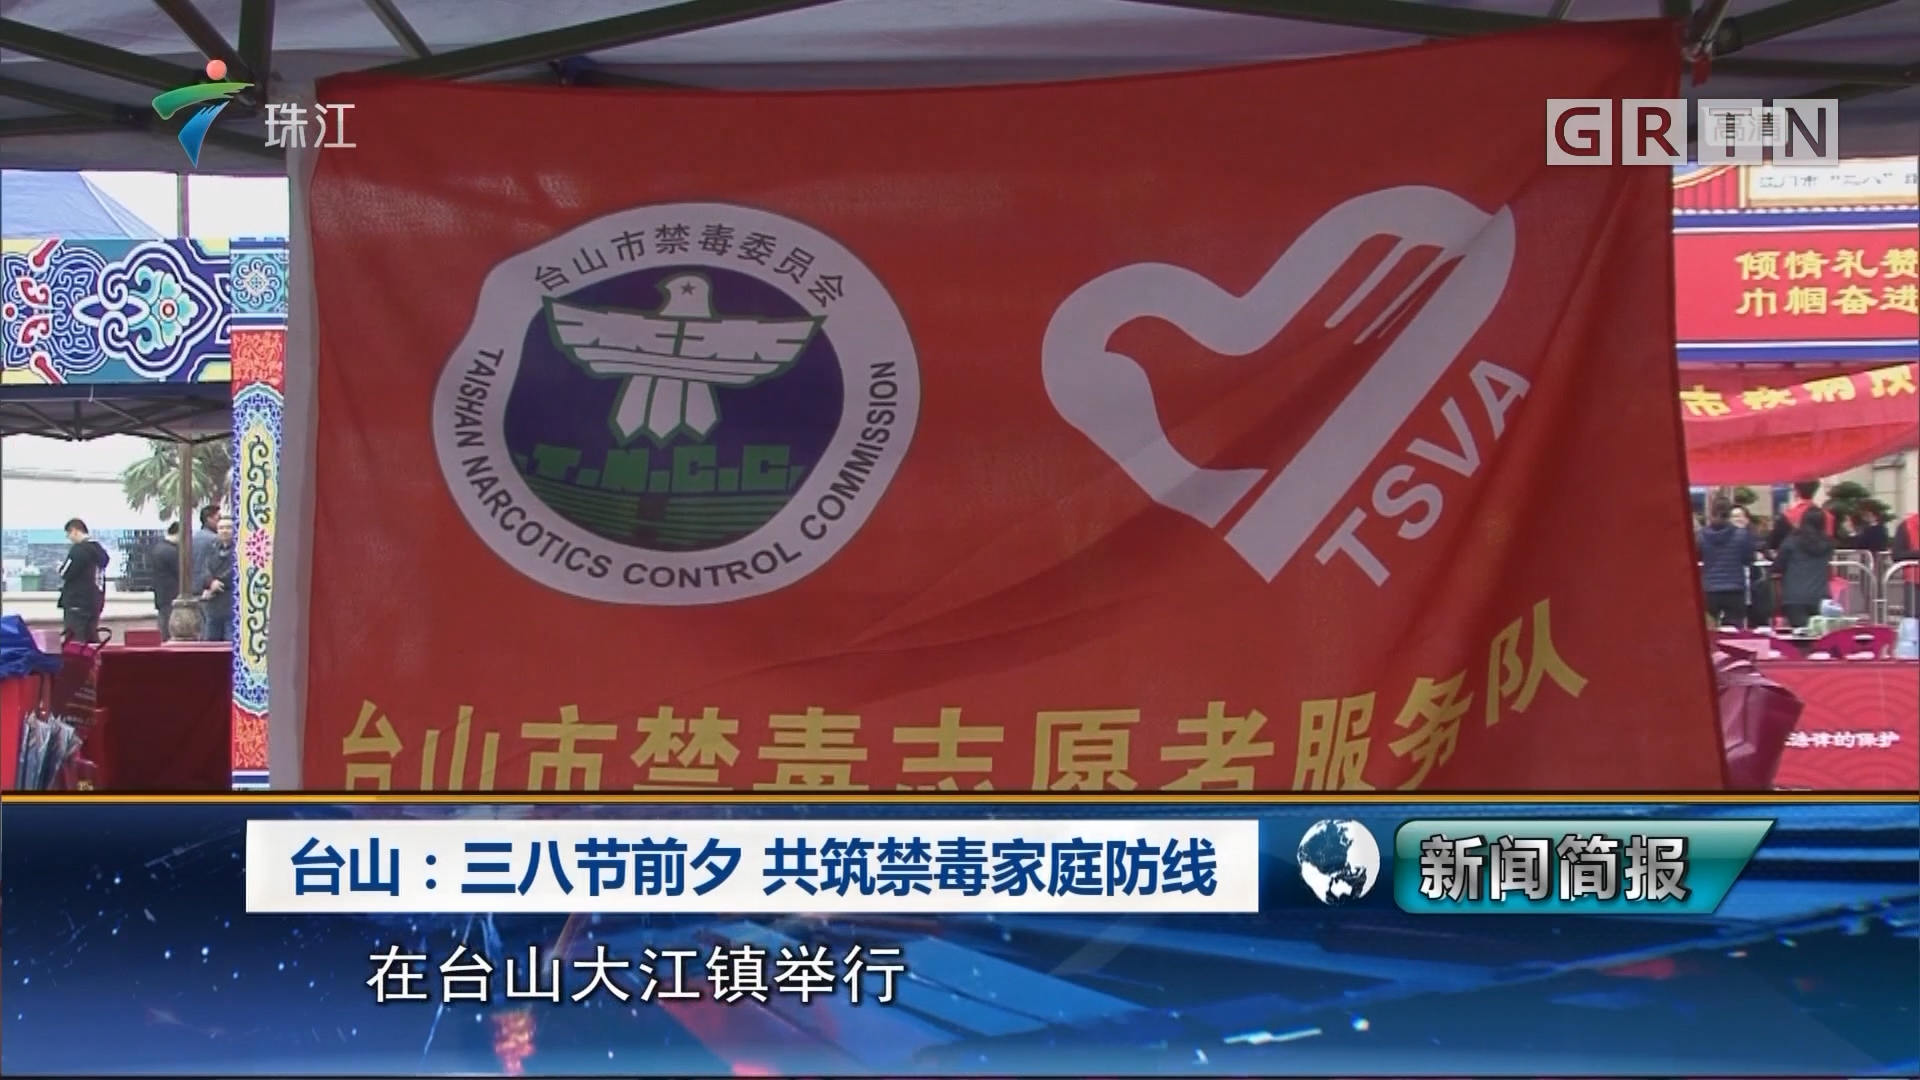 台山:三八节前夕 共筑禁毒家庭防线